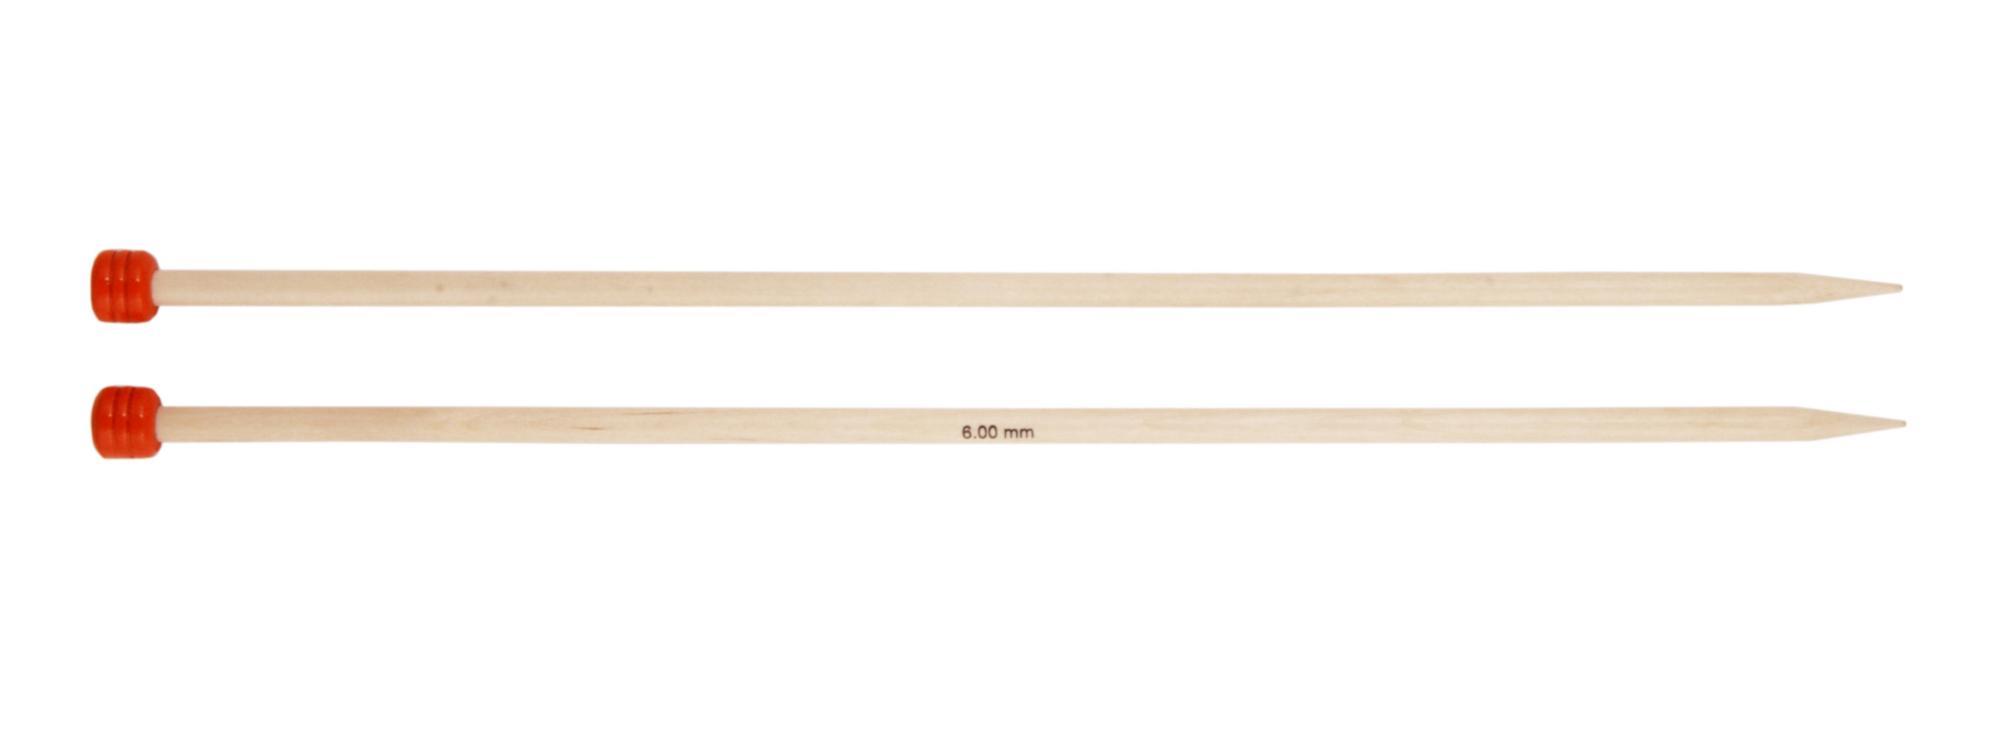 Спицы прямые 30 см Basix Birch Wood KnitPro, 35249, 8.00 мм